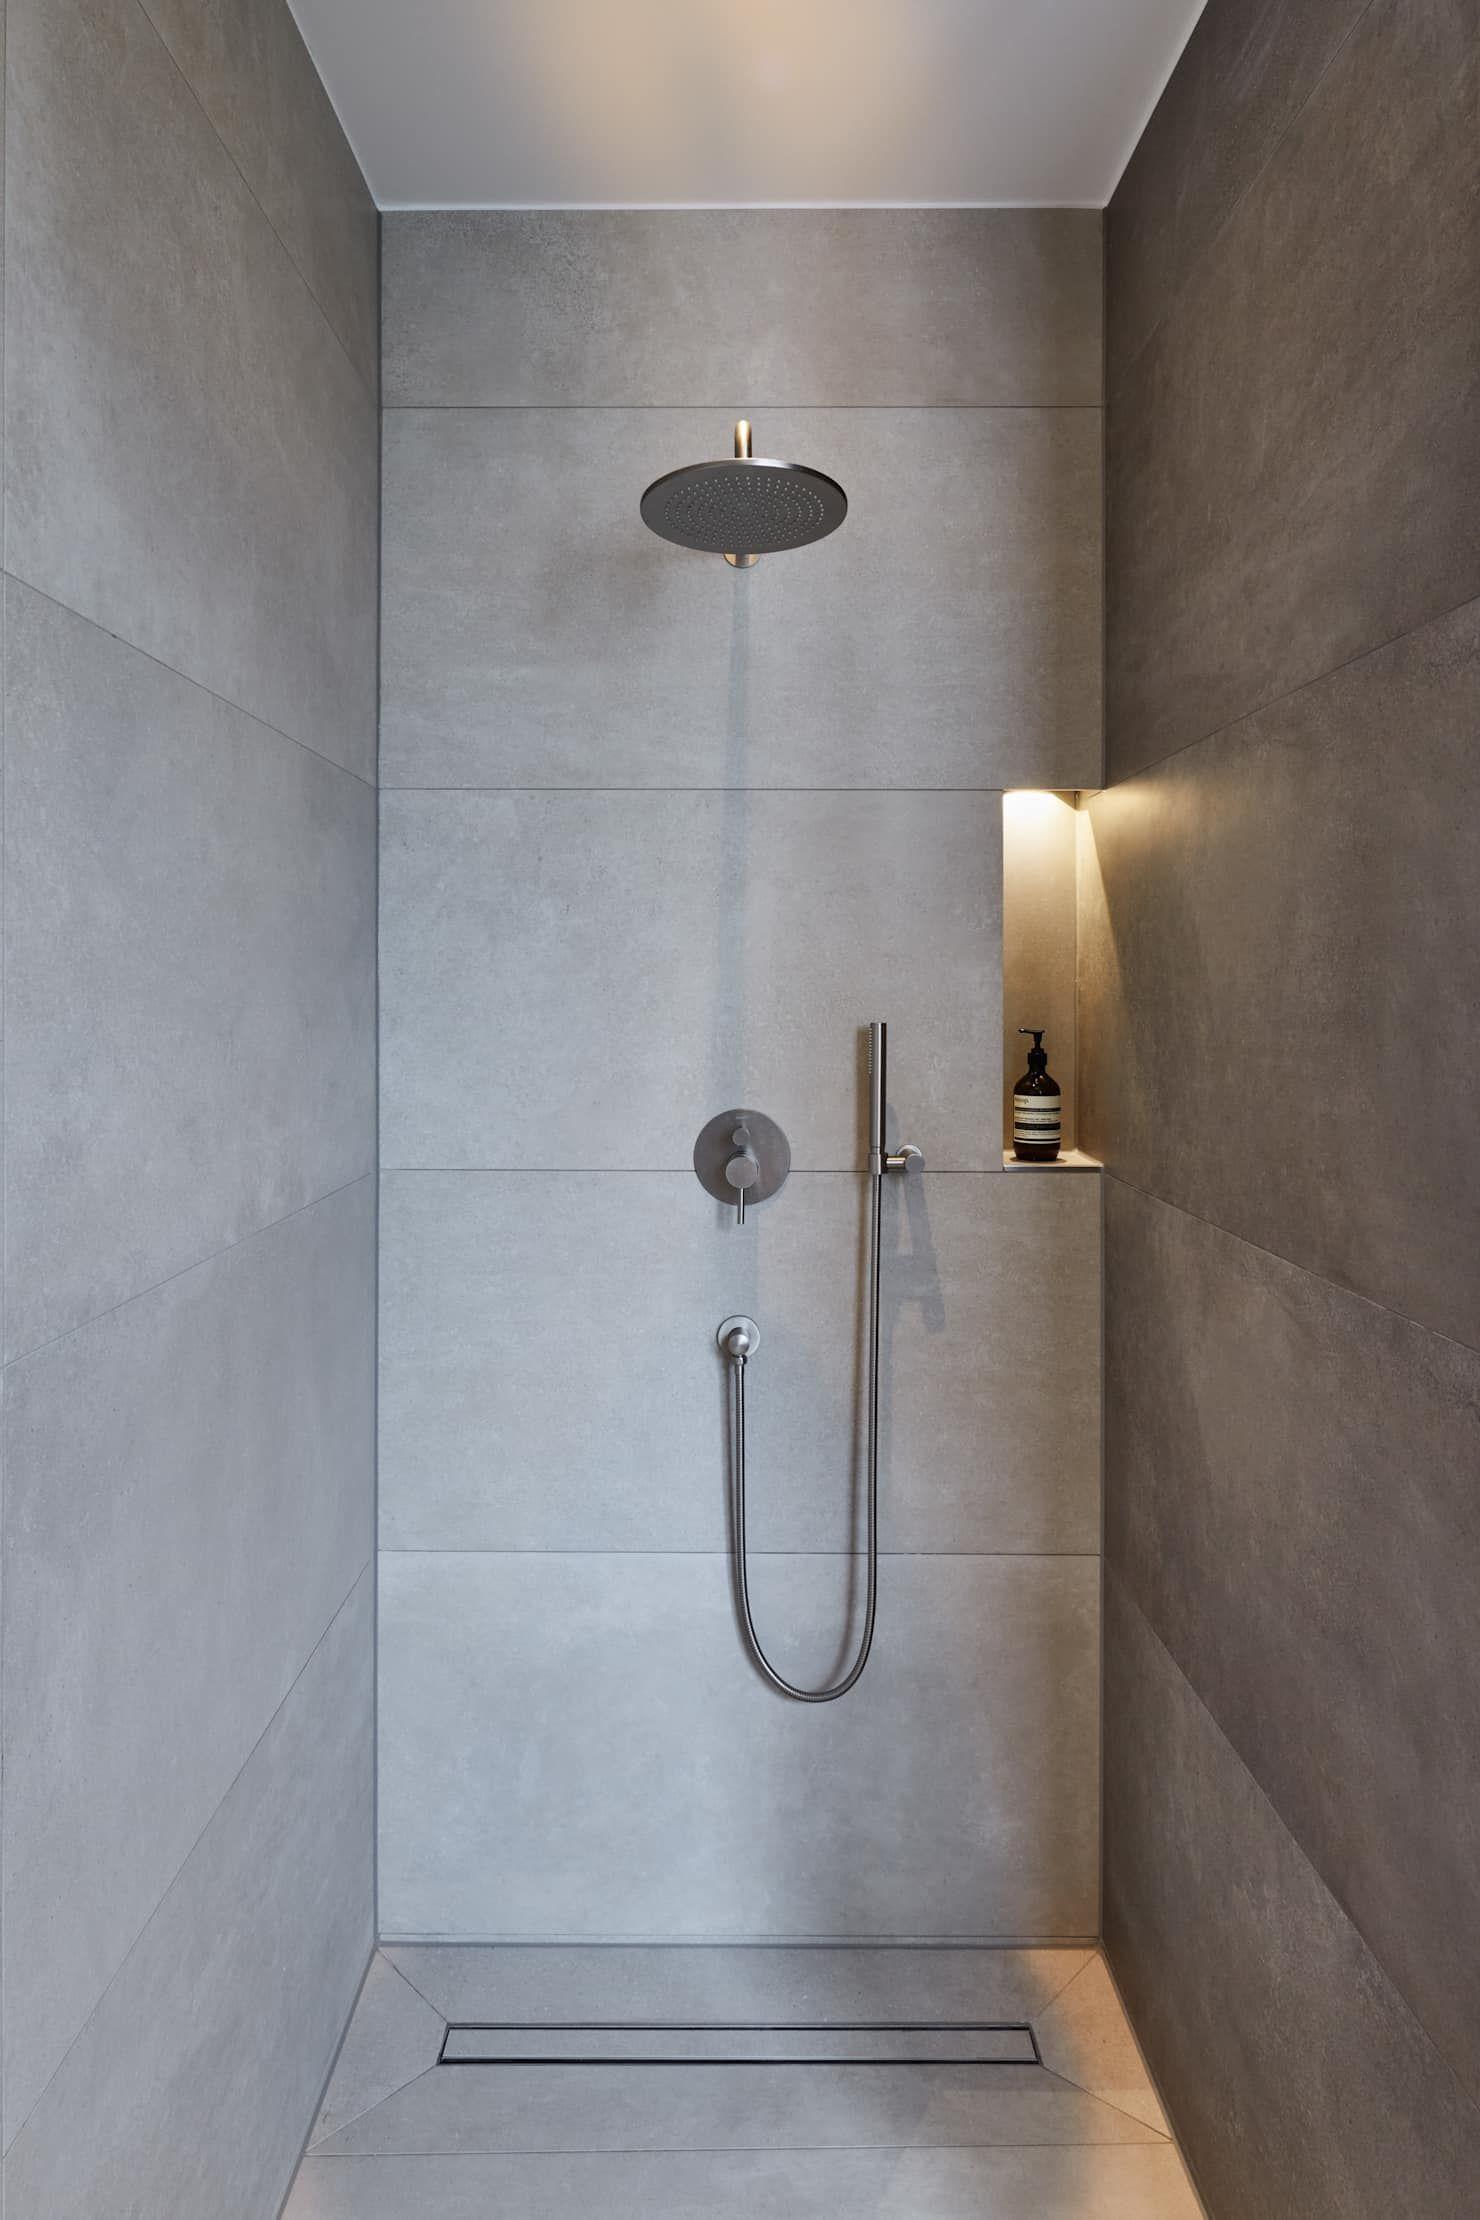 Badezimmer ideen fliesen dusche haus s moderne badezimmer von klaus mäs architektur  badezimmer